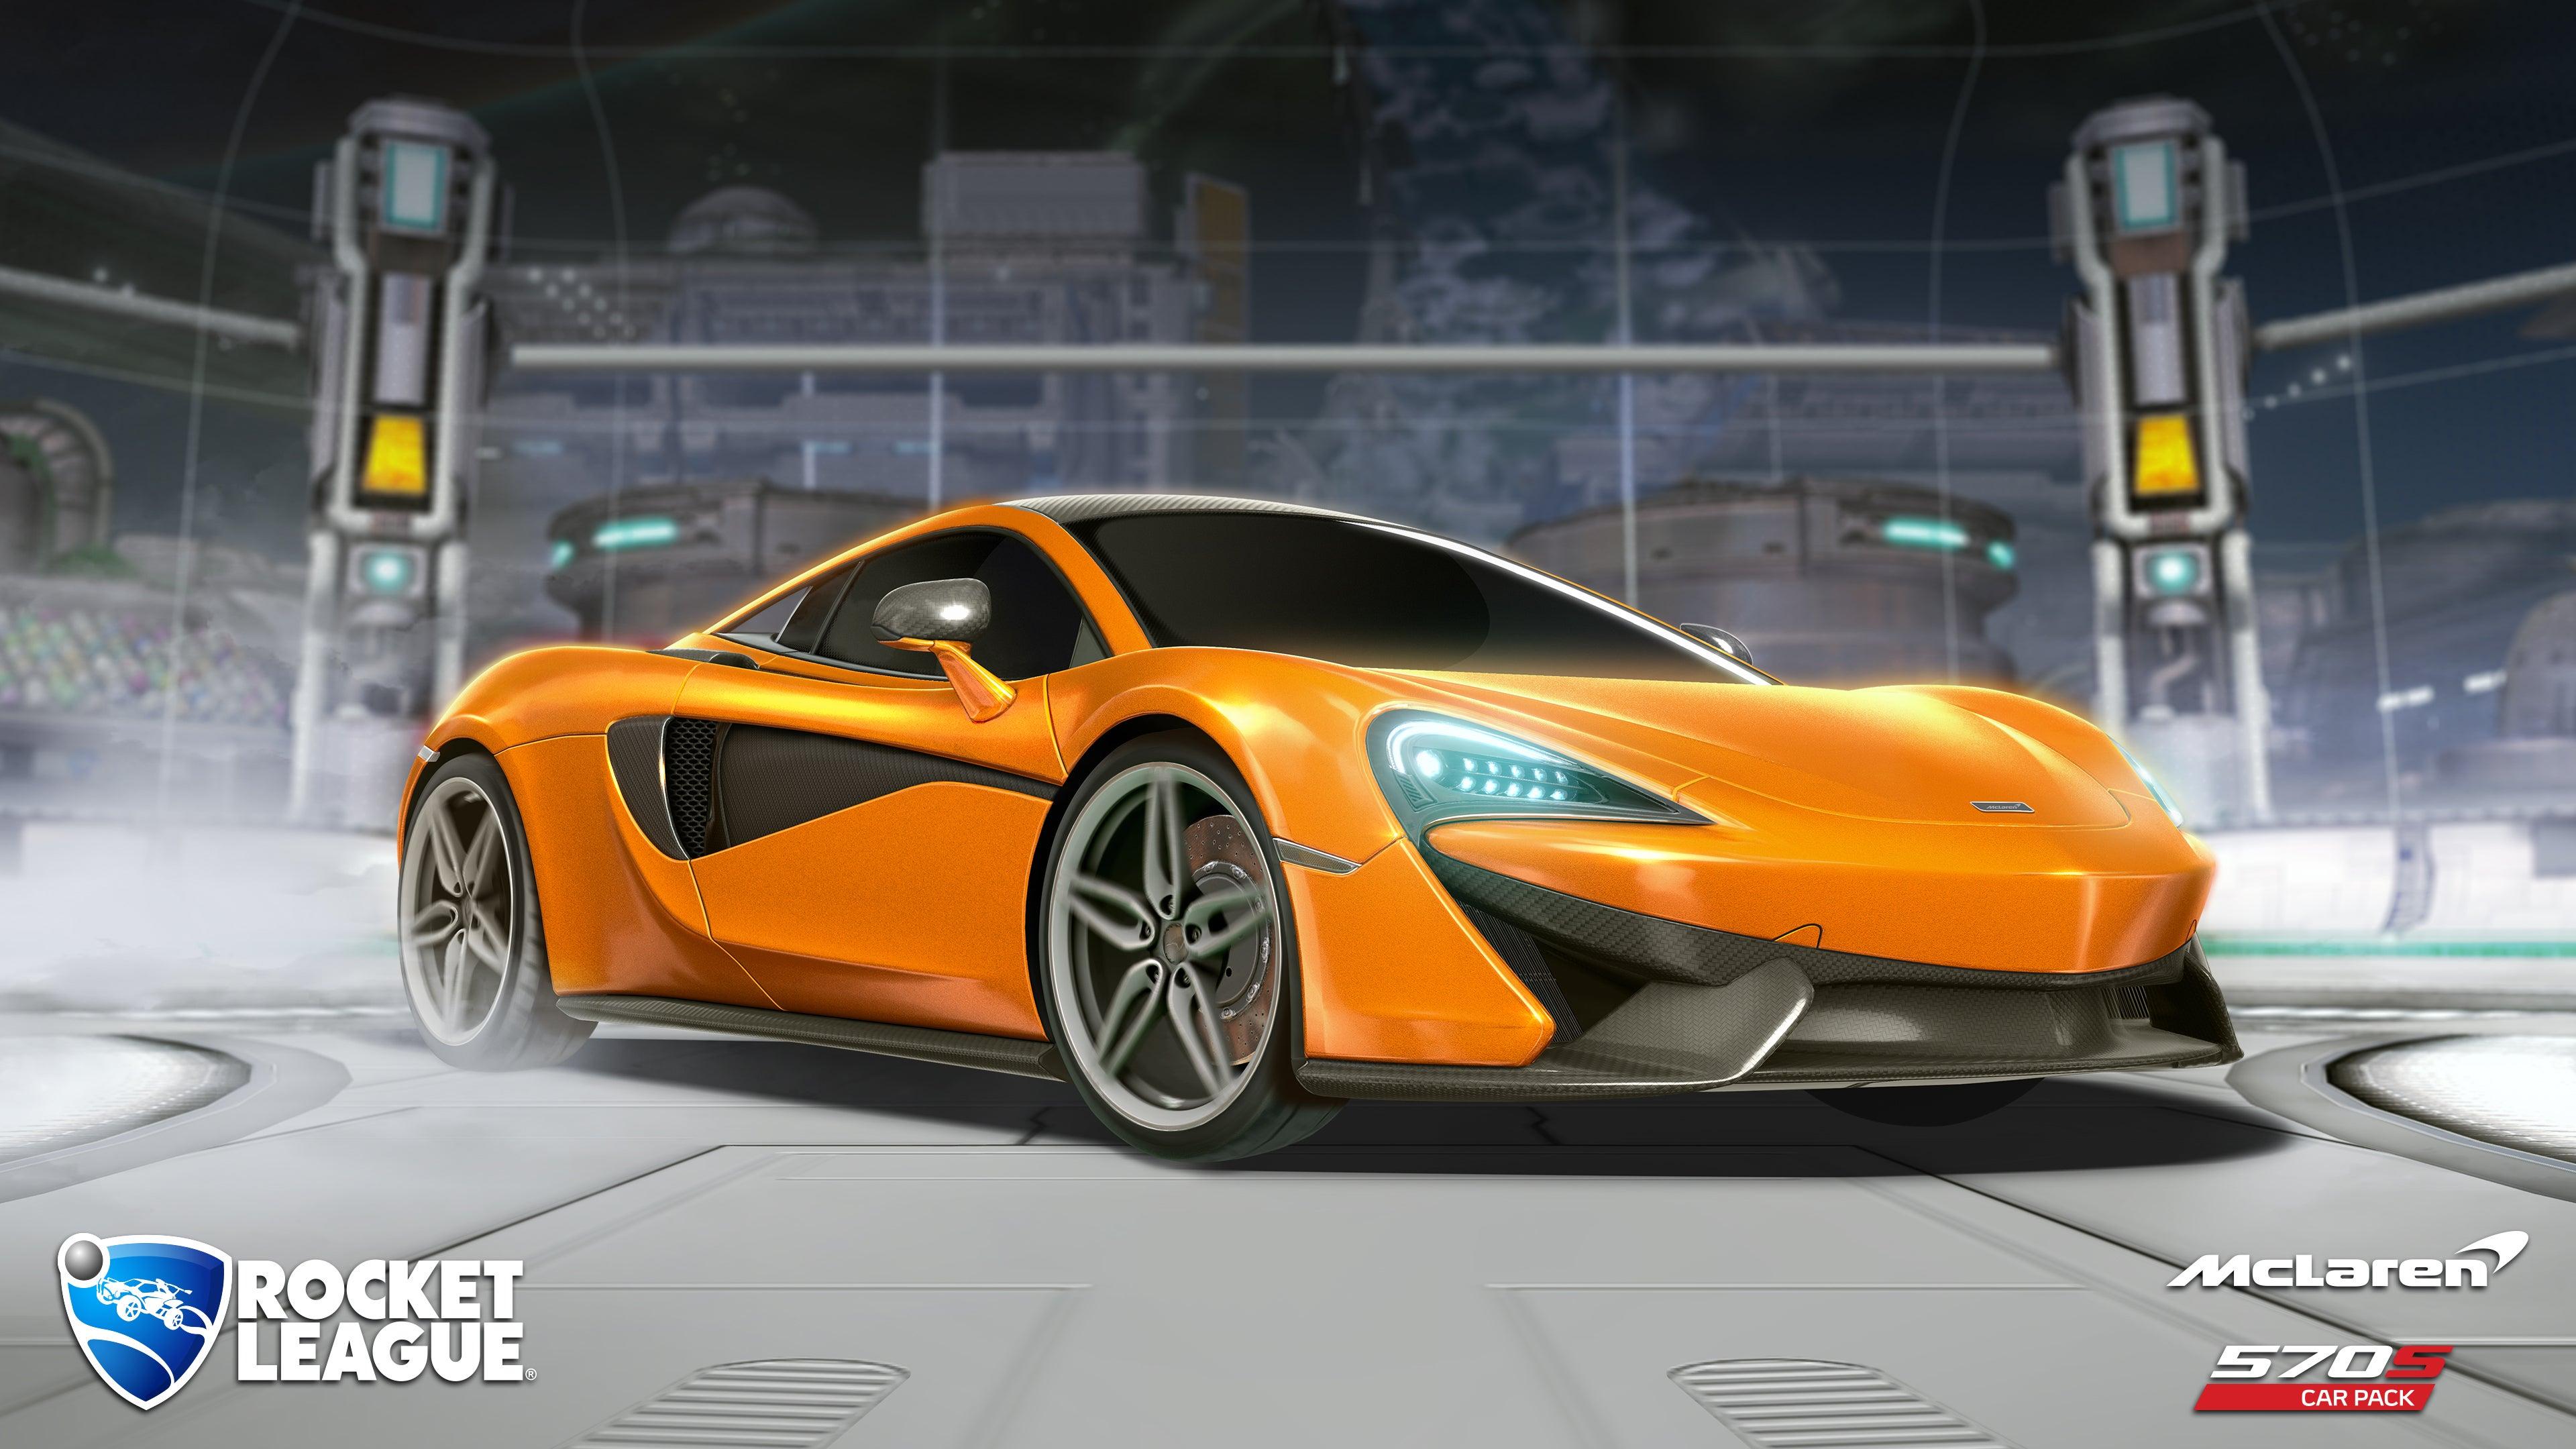 mclaren 570s car pack available now rocket league official site